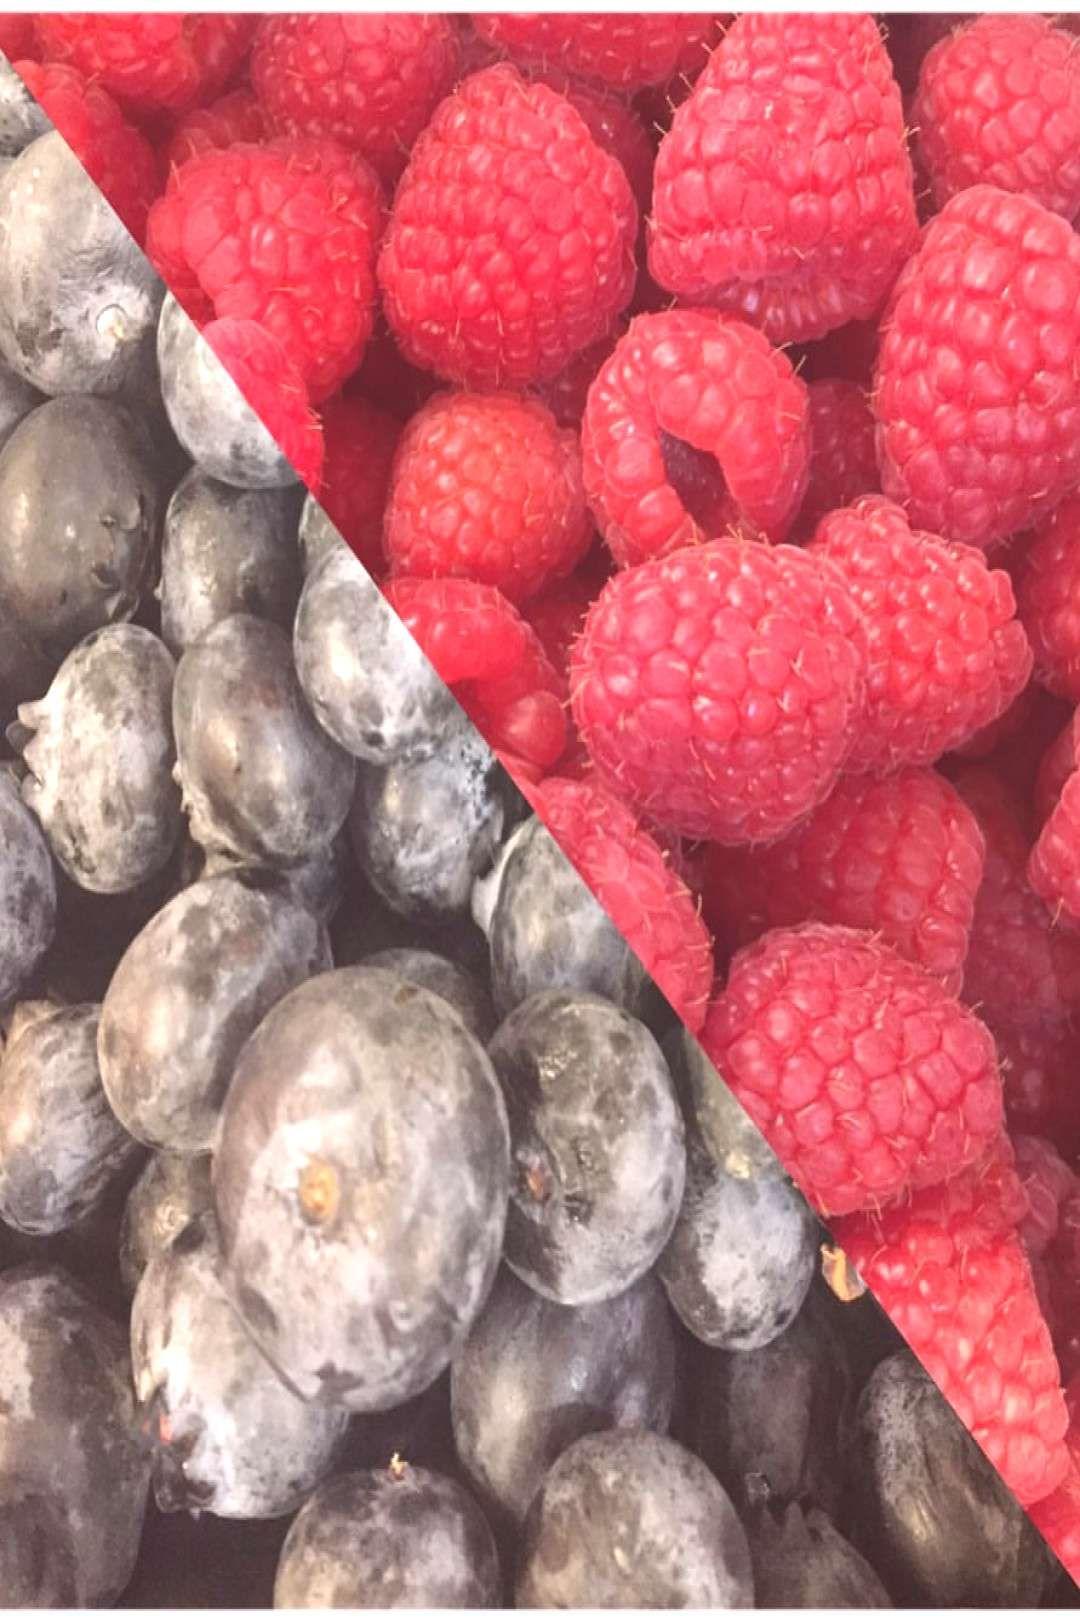 #raspberrycheesecake #guttormsen #march #fruit #2020 #food #kim #and #on #28 kim guttormsen on March 28 2020 fruit and foodYou can find Raspberry cheesecake and more on our website.kim guttormsen on March 28 2020 fruit and food